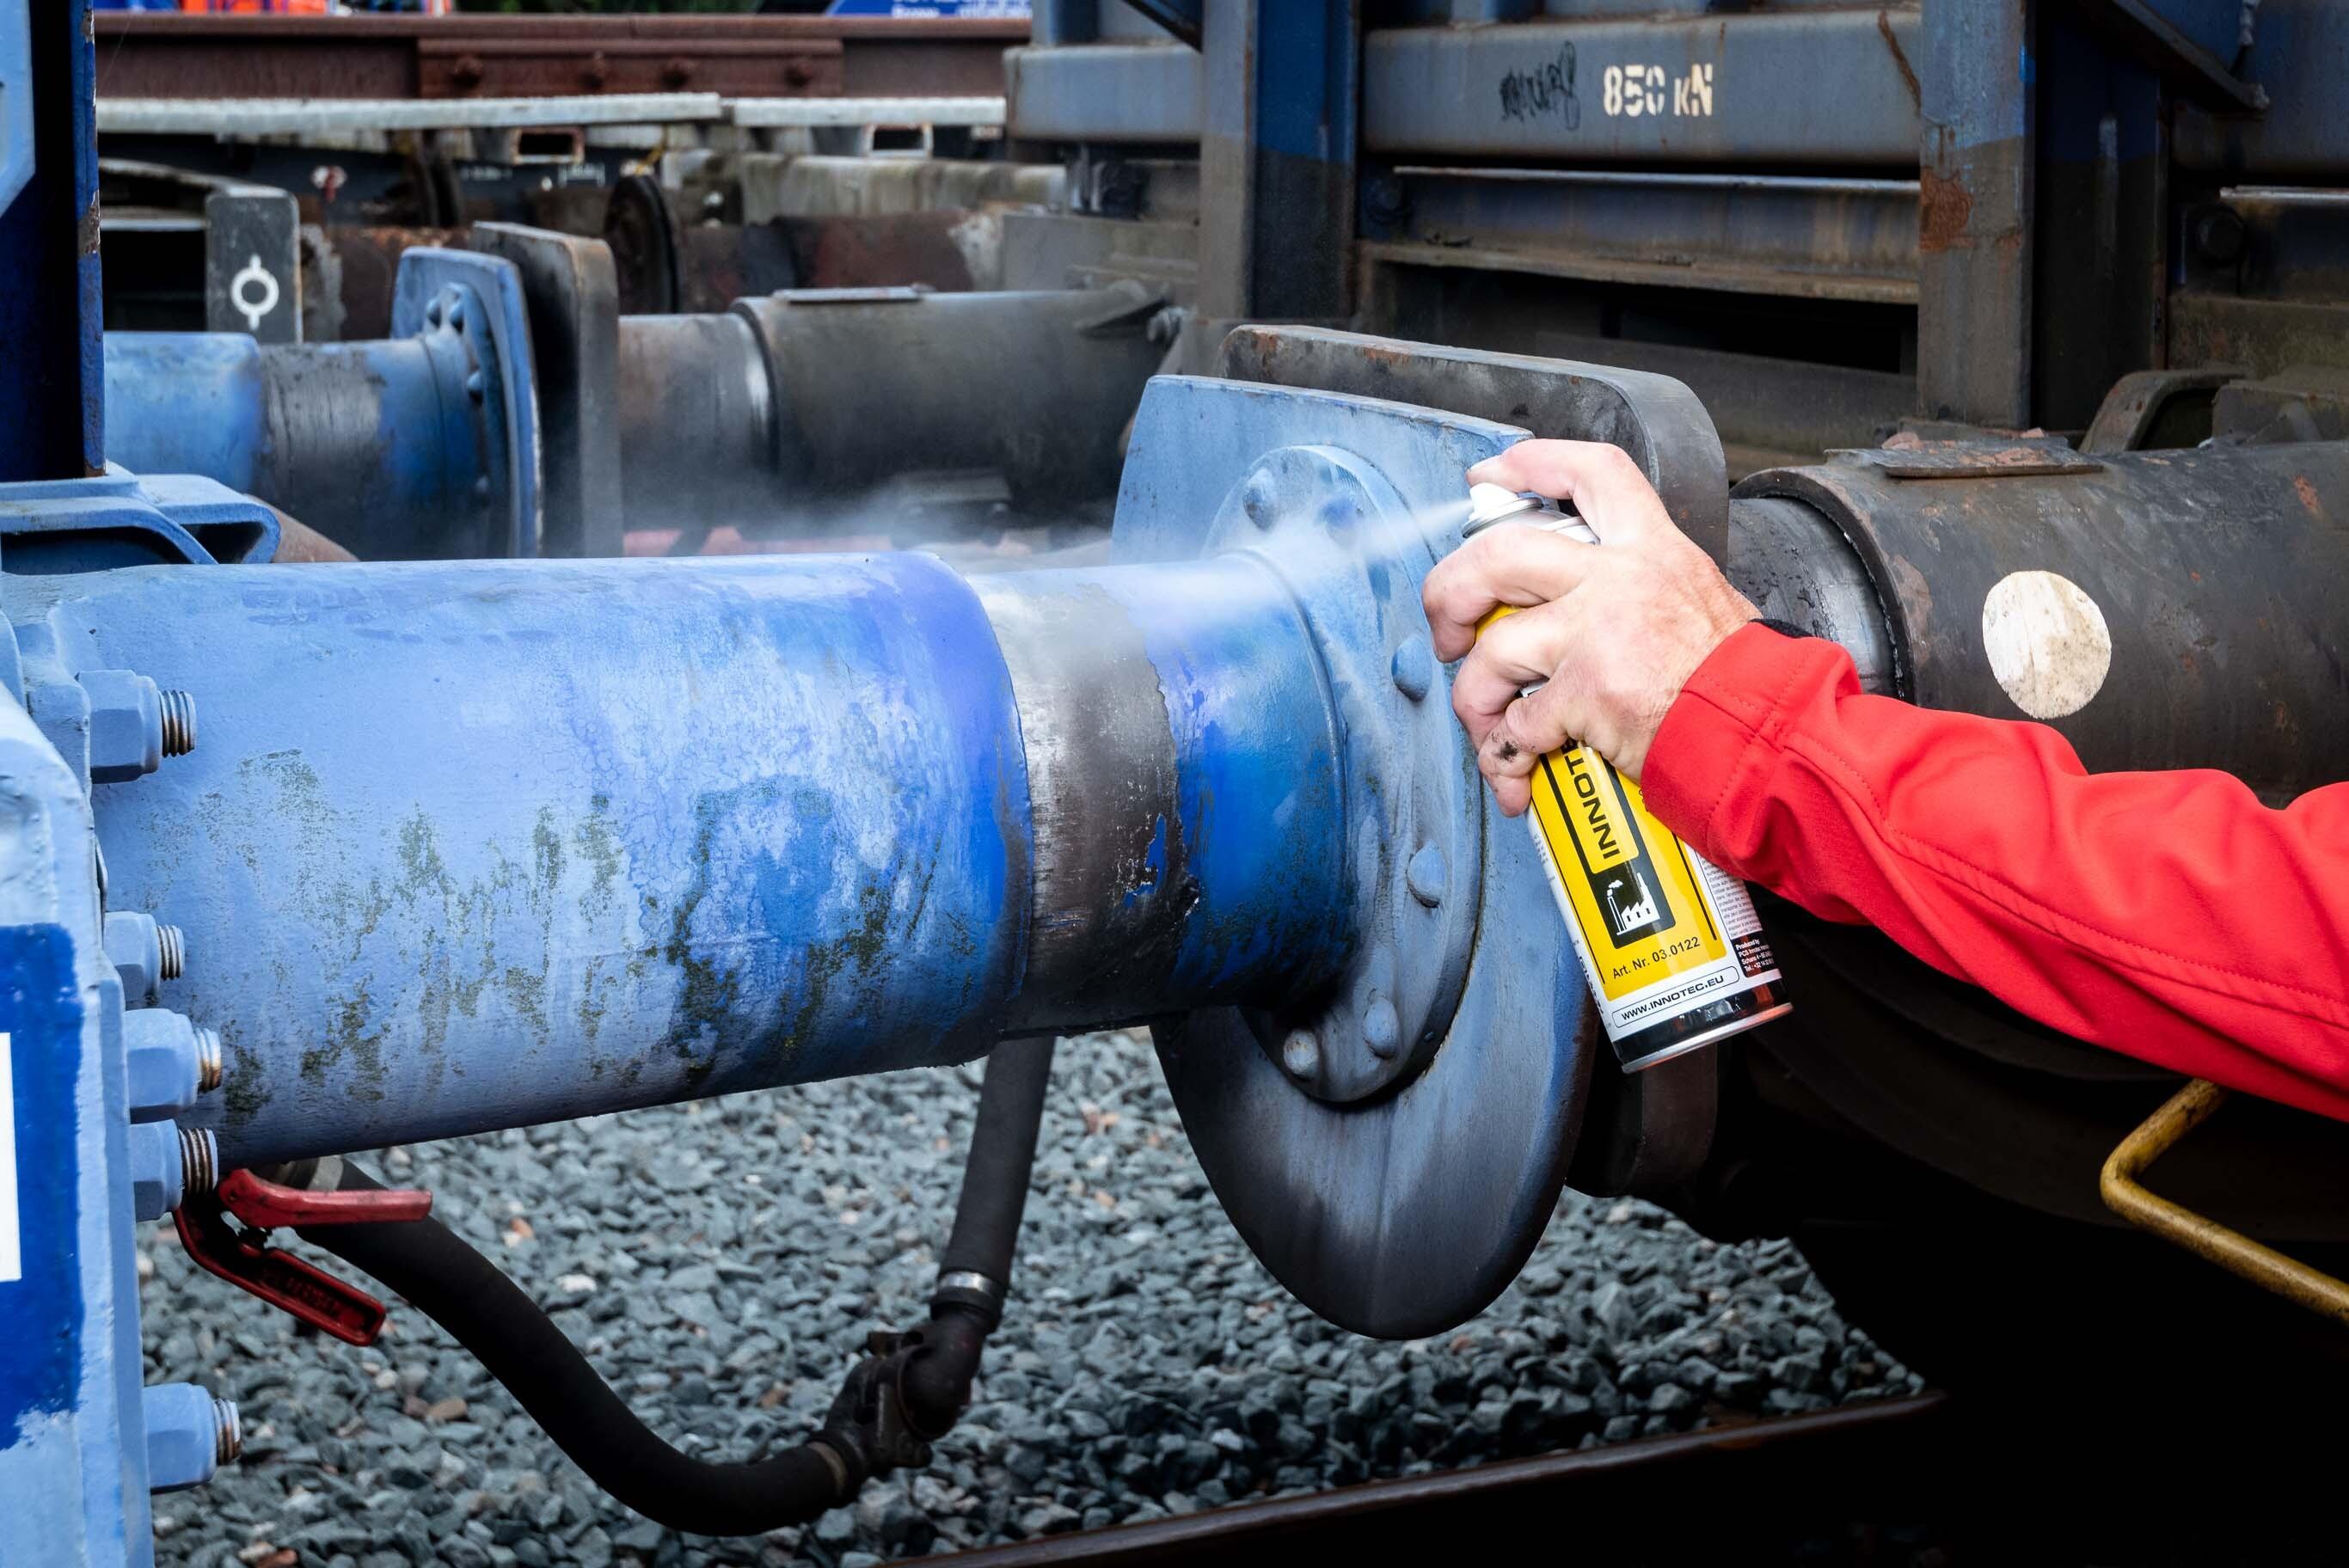 LOWRES 2732px Mirari Rail Pro 22juli2020 245 2